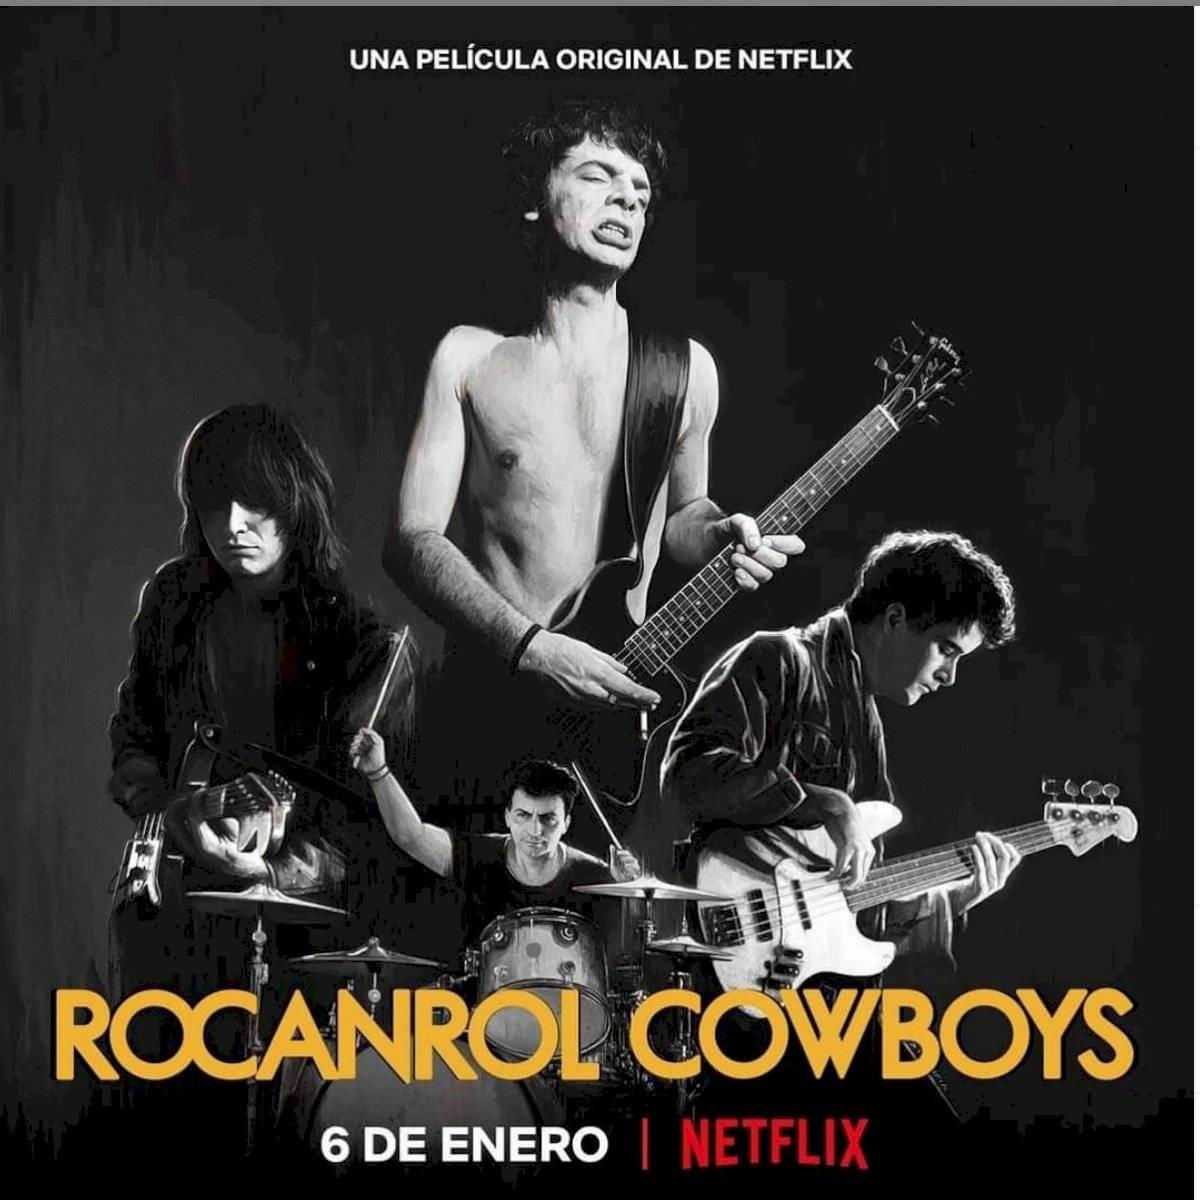 Rocanrol Cowboys